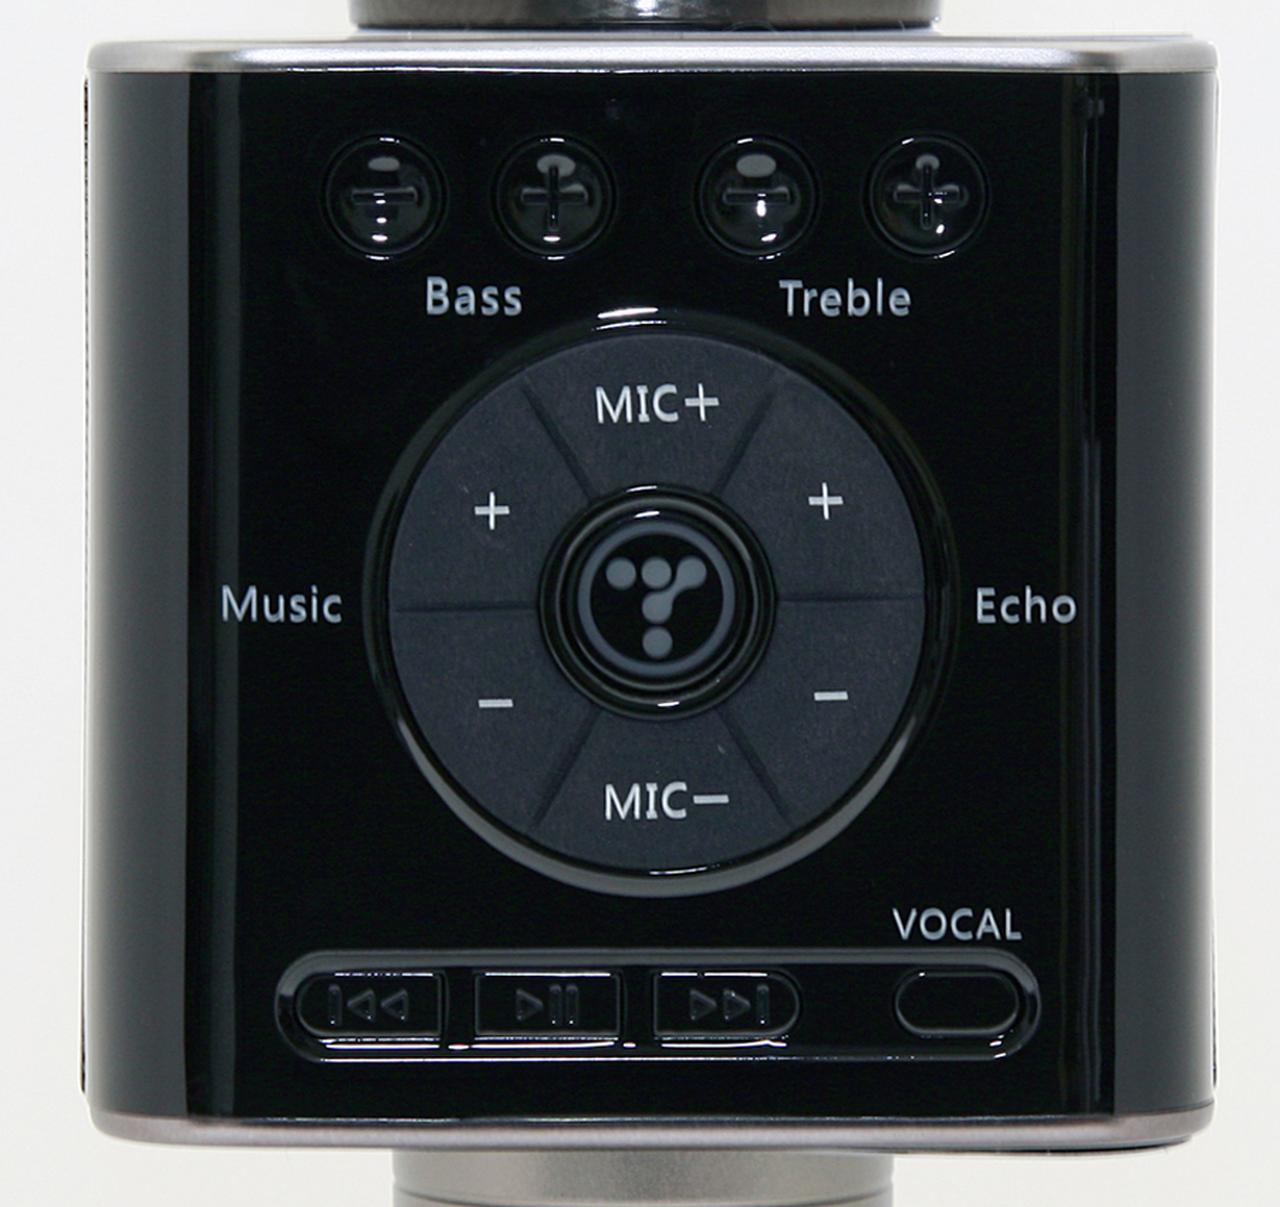 画像: 操作部の中央のマーク(円形)が電源ボタン。その上下がマイク音量、左が音楽音量、右がエコー調整の各ボタン。右下の「VOCAL」ボタンを押すと、ボーカルがキャンセルされる。